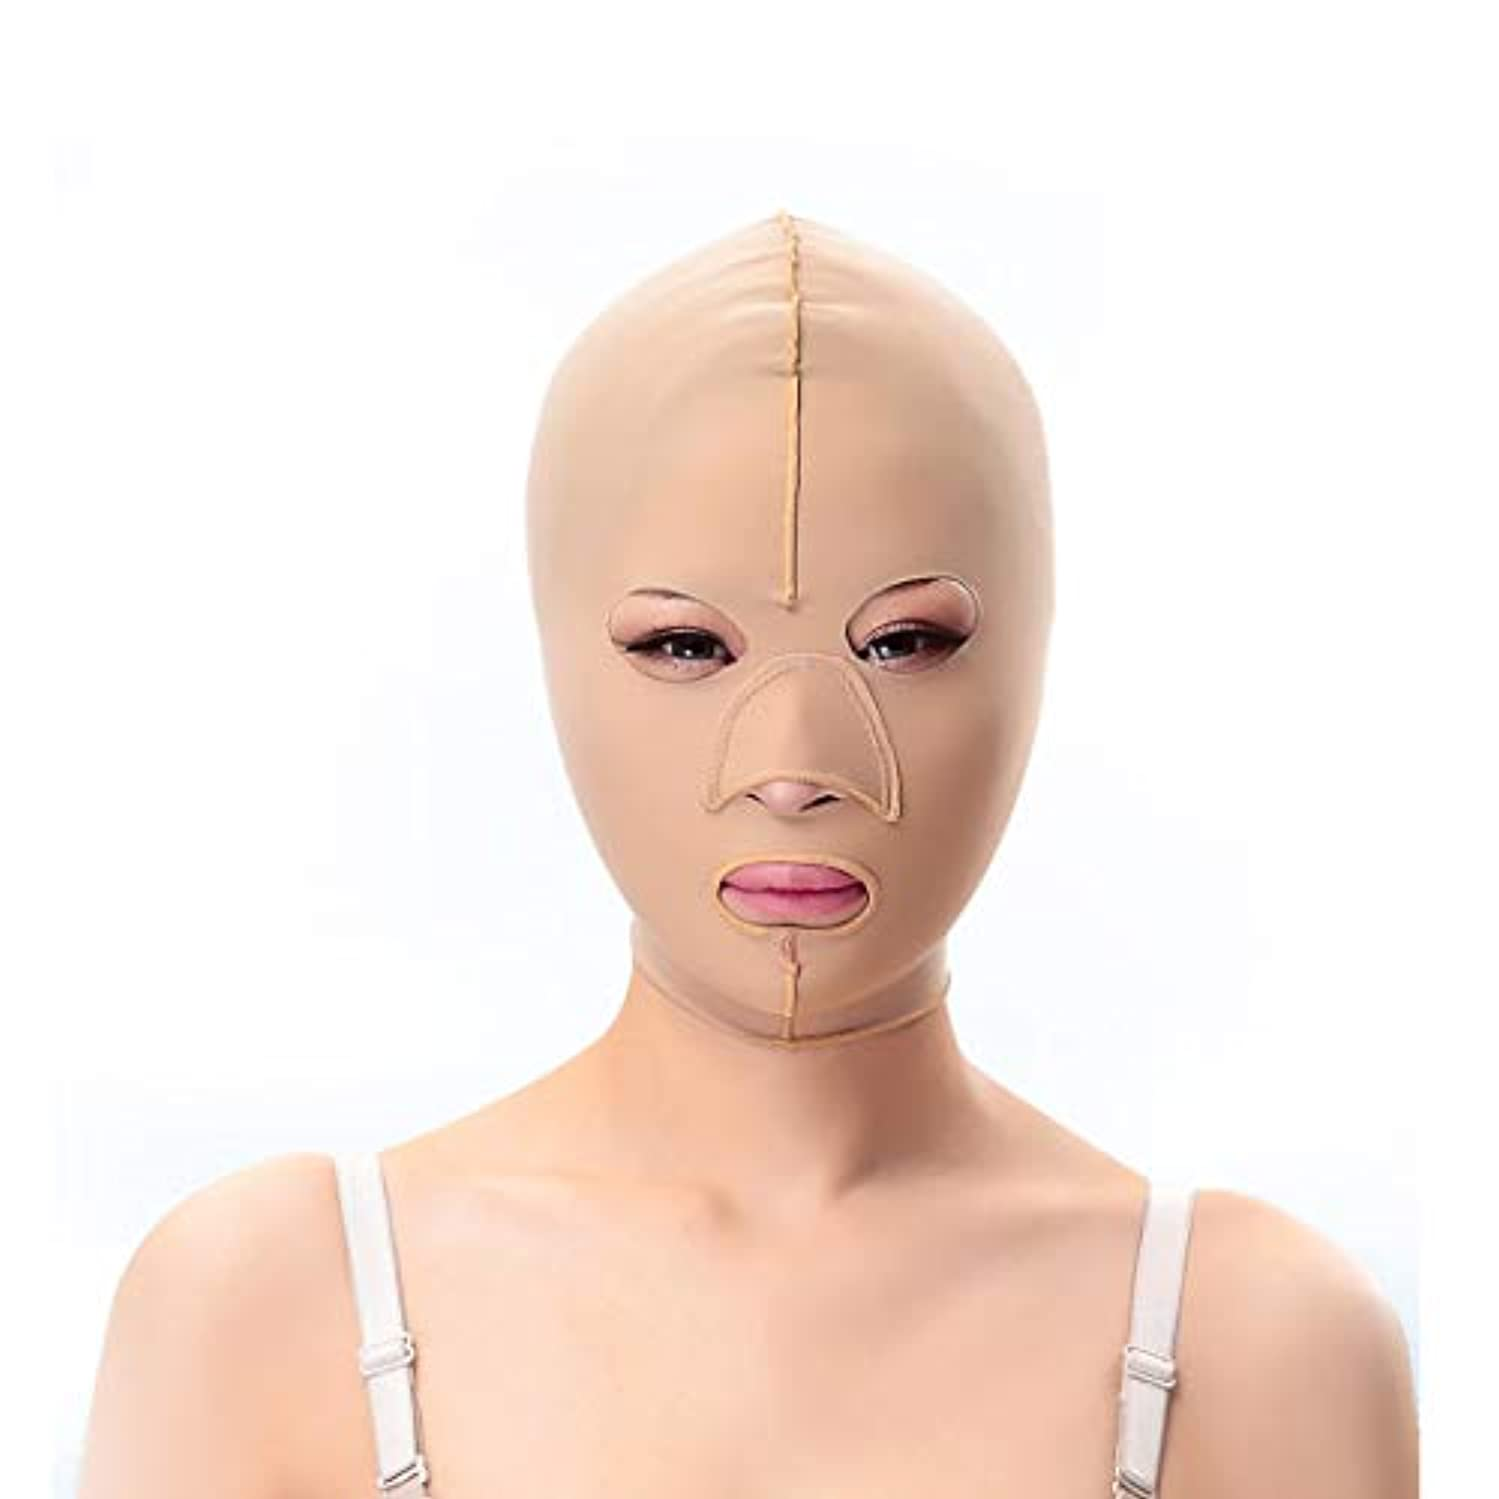 のれんスペードうま痩身ベルト、フェイシャルマスク薄いフェイスマスクを脇に持ち上げる二重あご引き締め顔面プラスチックフェイスアーティファクト強力なフェイス包帯 (Size : S)